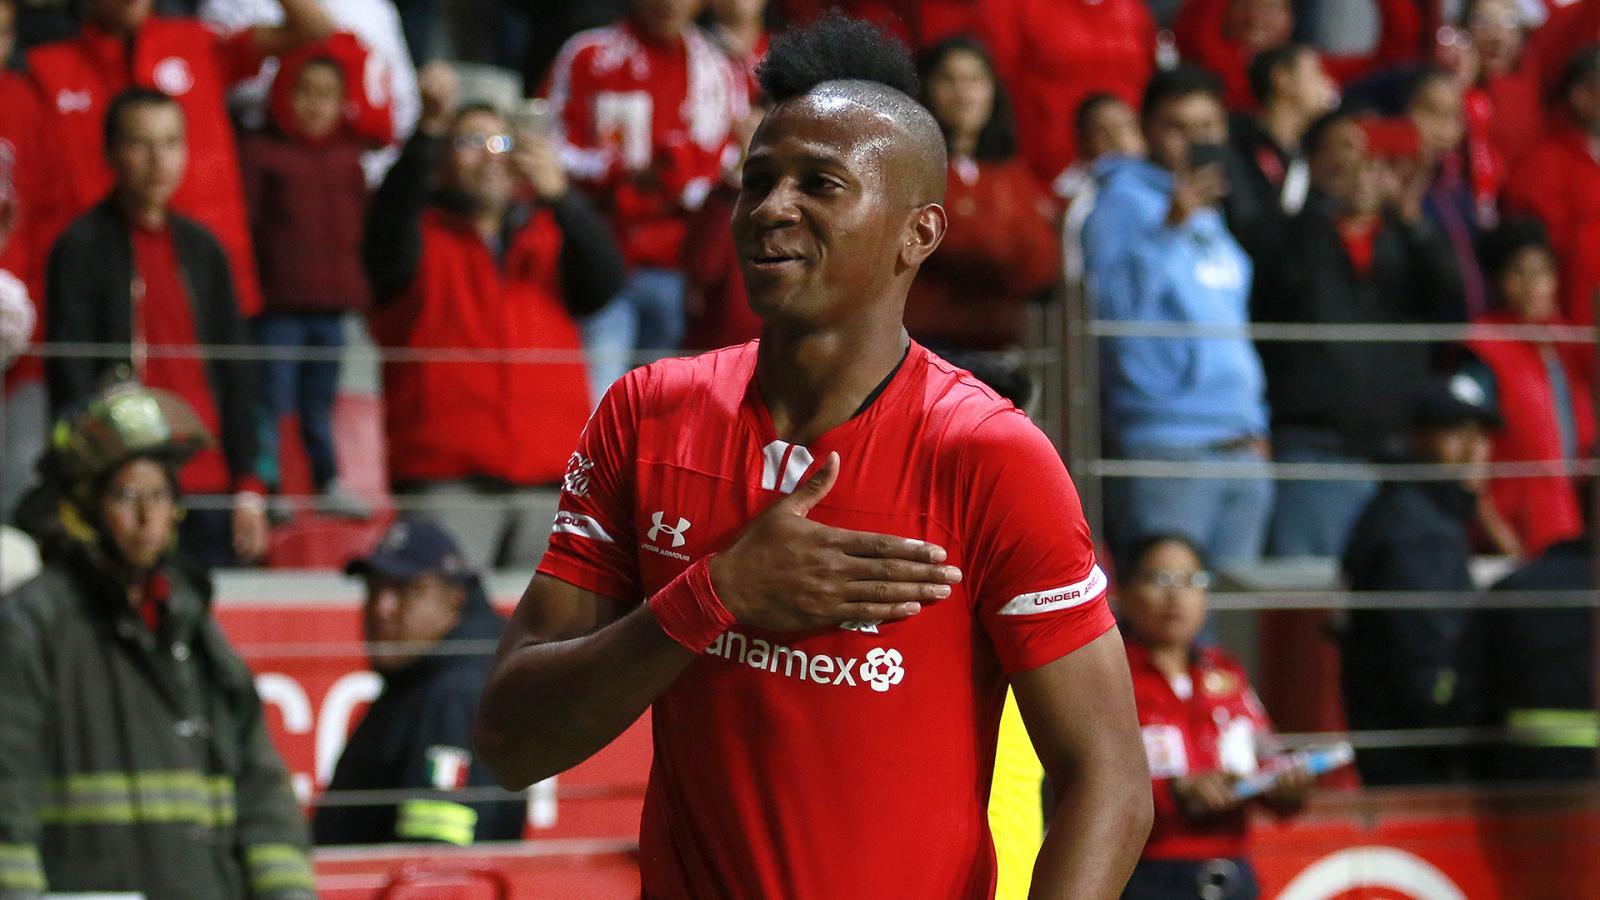 Estrada registra 11 PJ y 2 goles en el Torneo Clausura de México